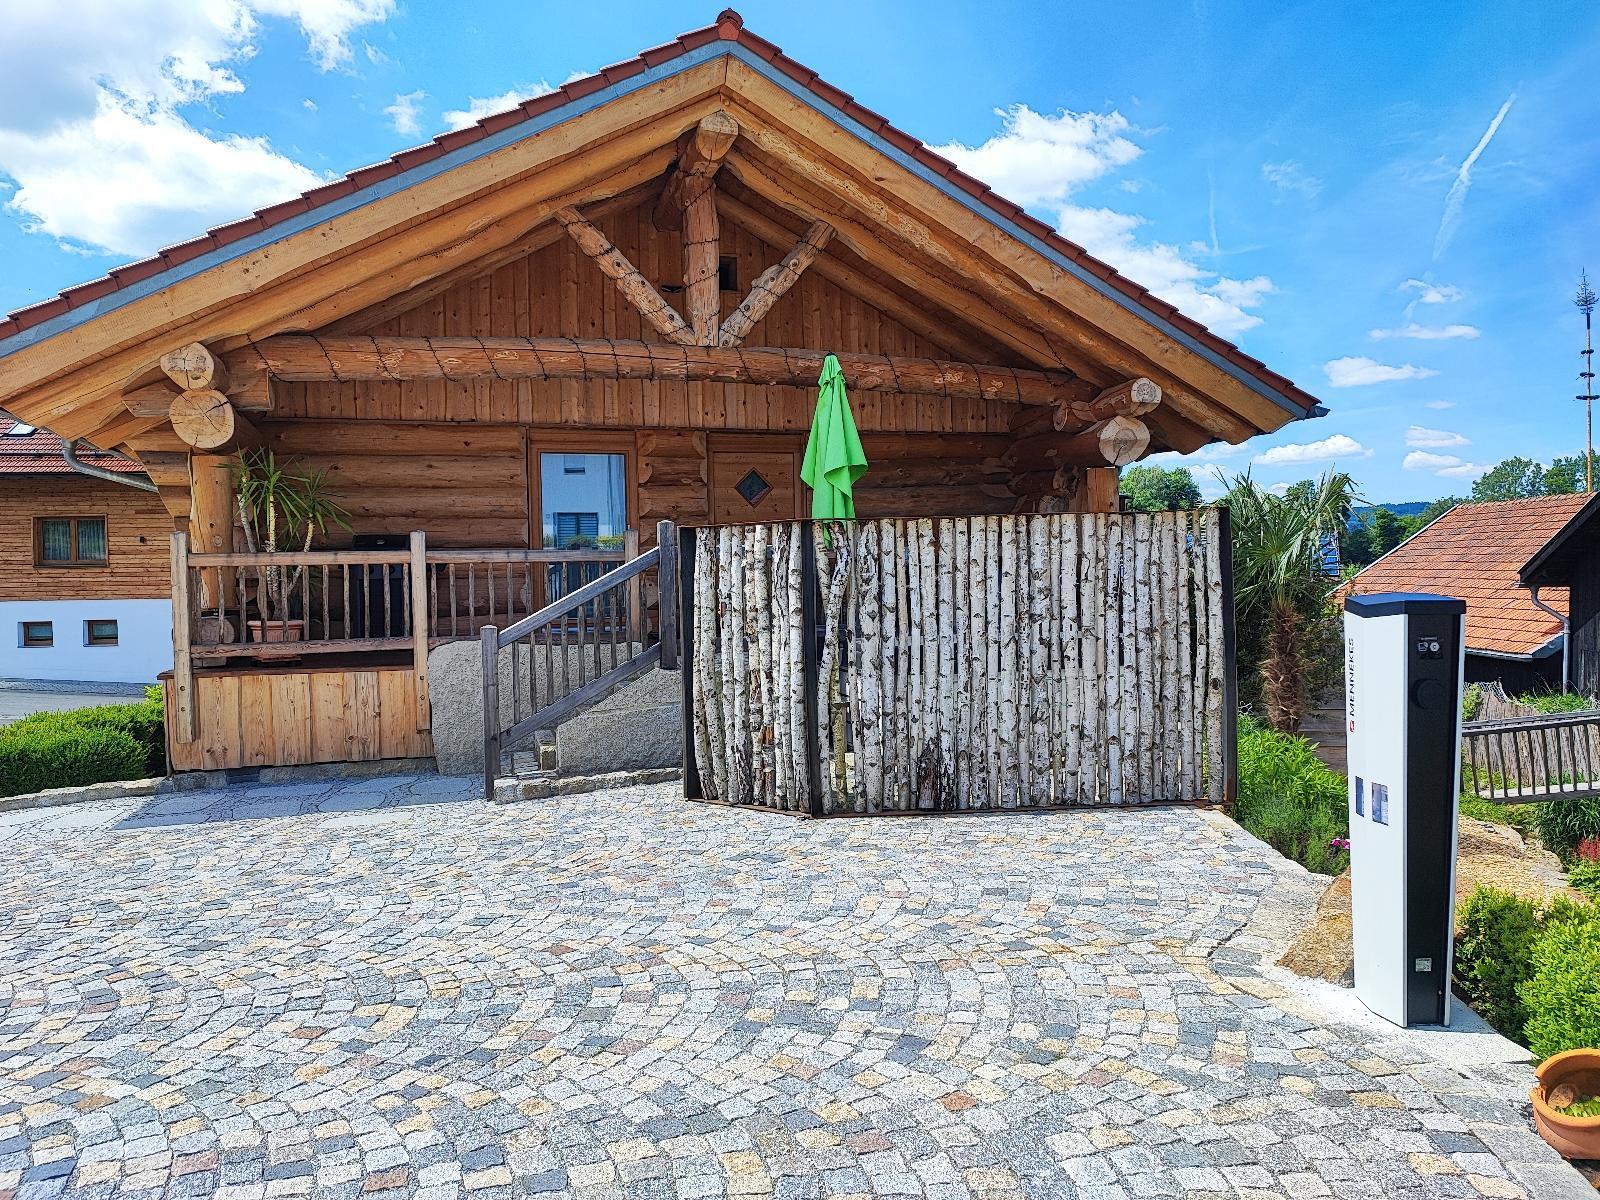 Willis Hütte in Zachenberg